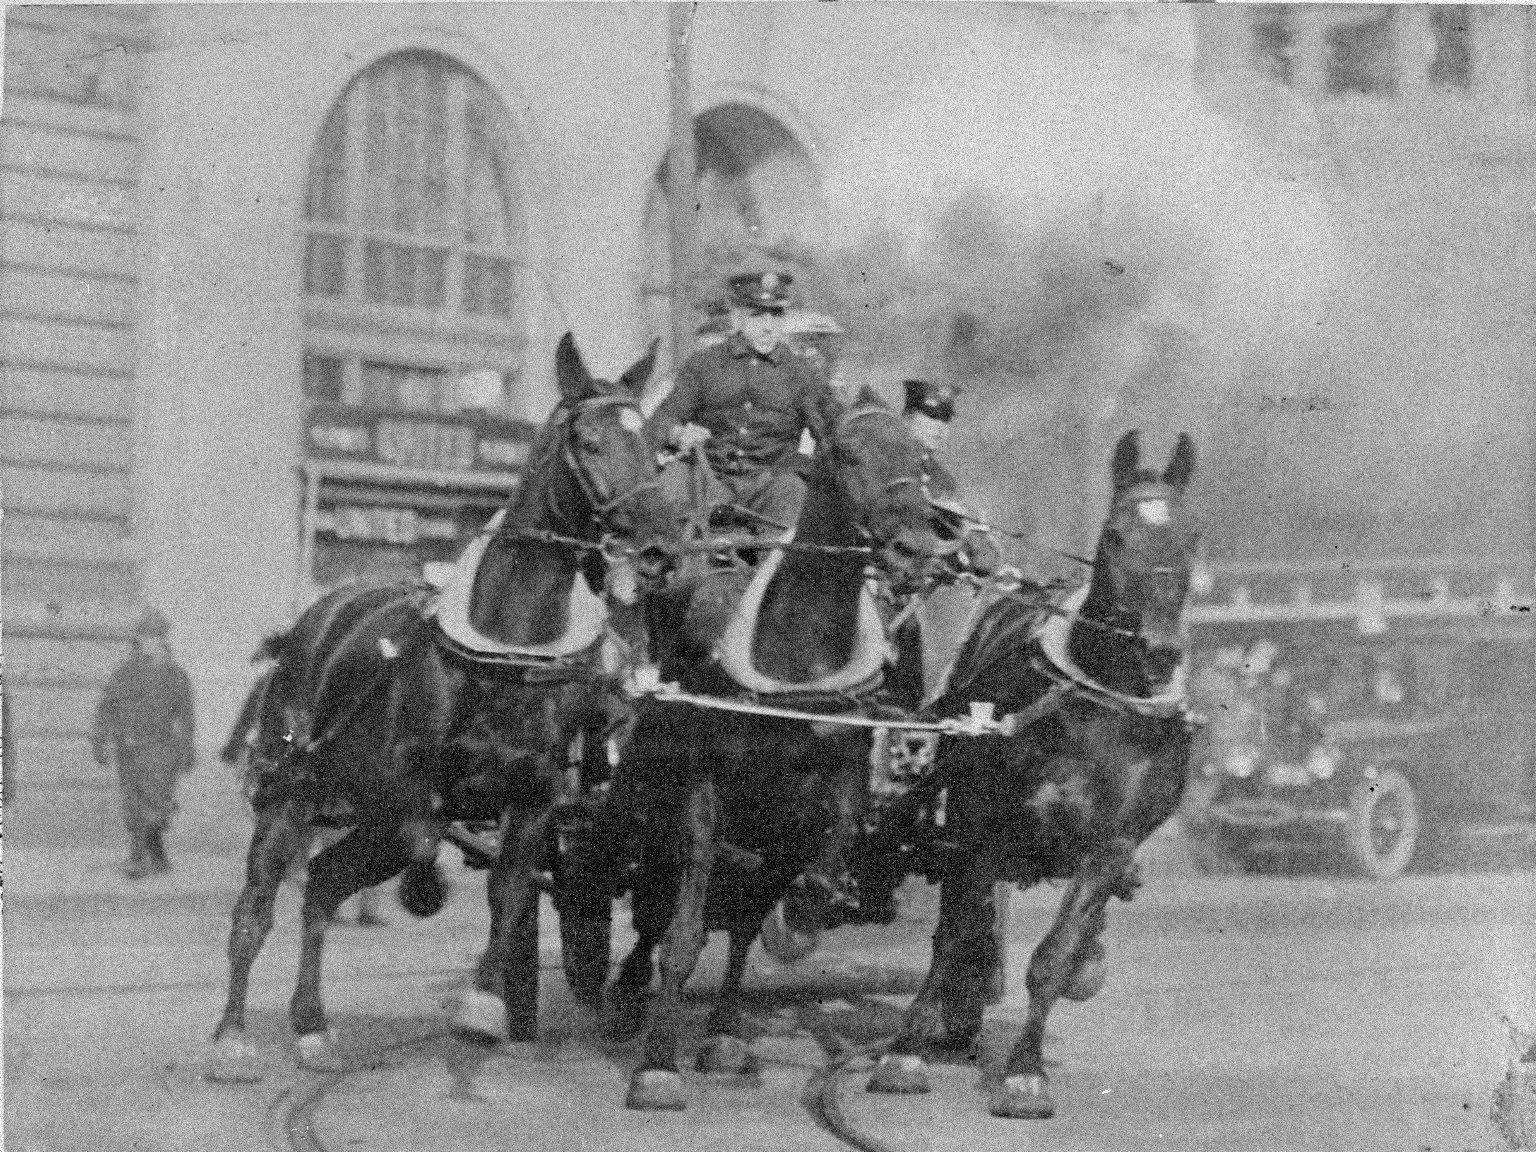 Выезд парового пожарного насоса. Нью-Йорк, США. Начало 20 века